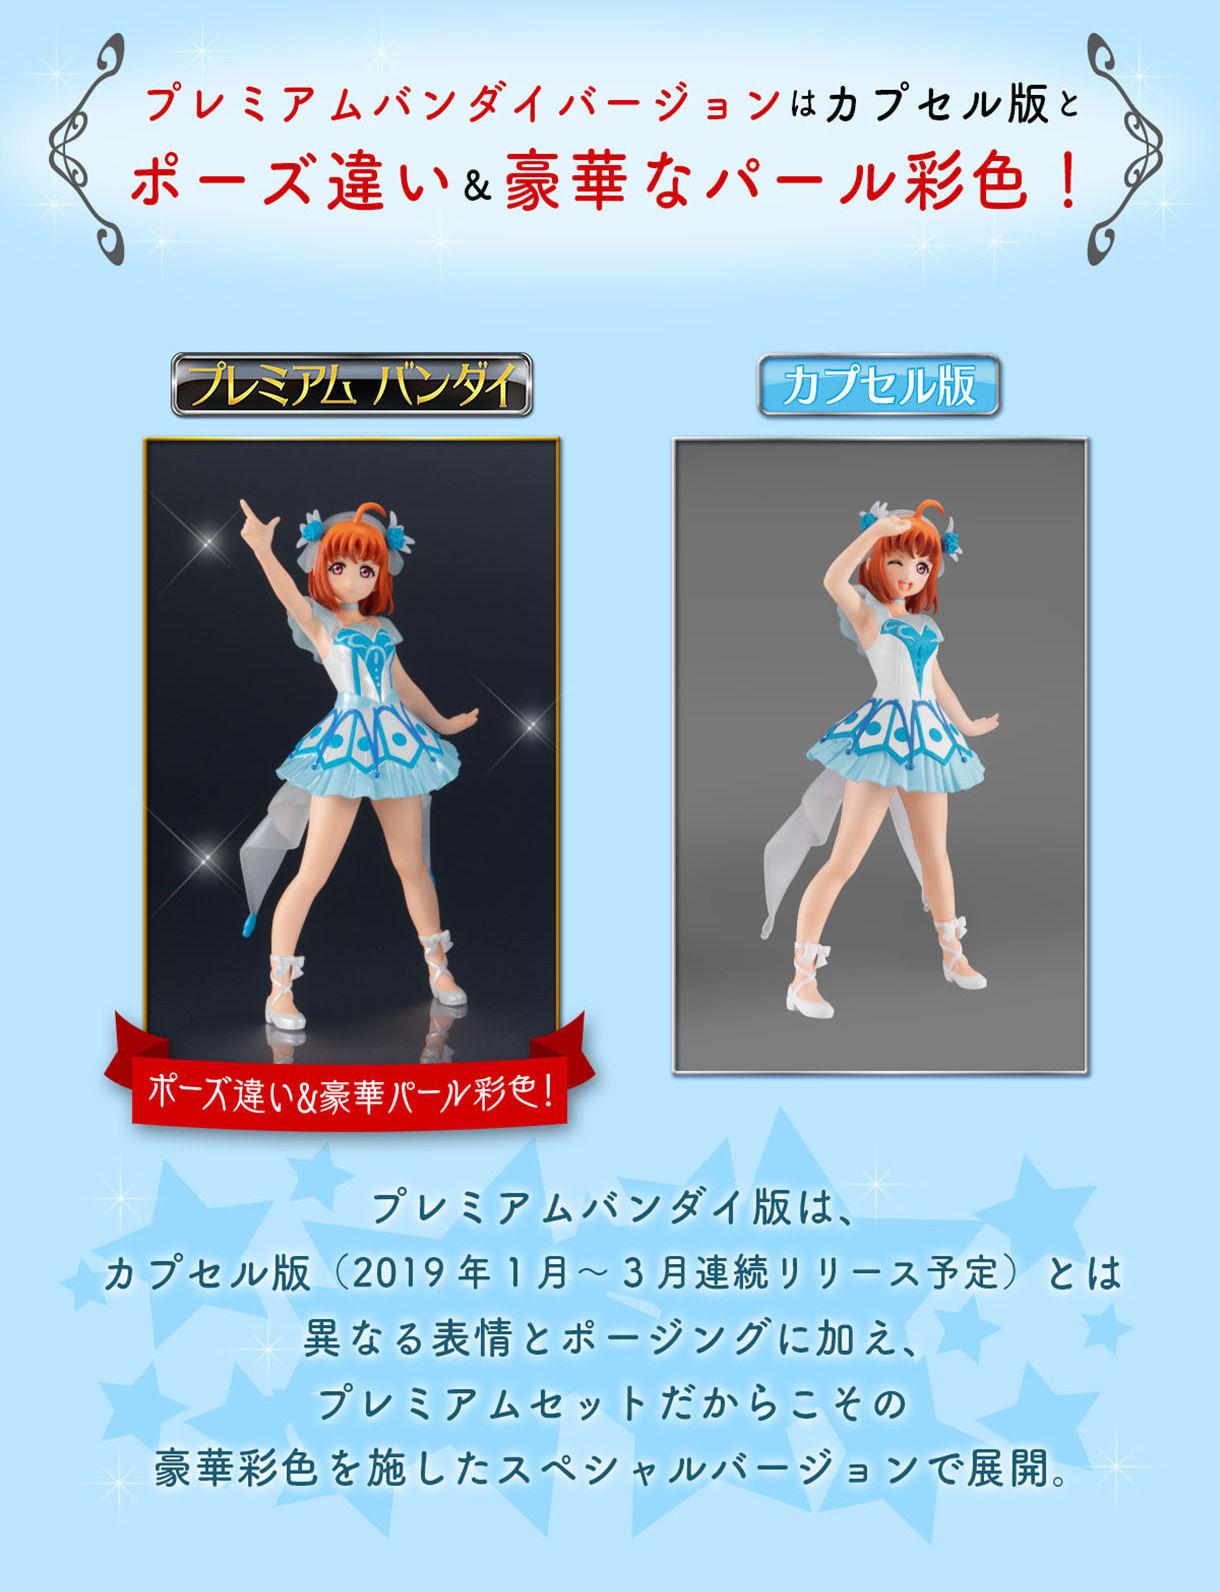 Gasha Portraits『ラブライブ!サンシャイン!! ~WATER BLUE NEW WORLD SET~』セット-010